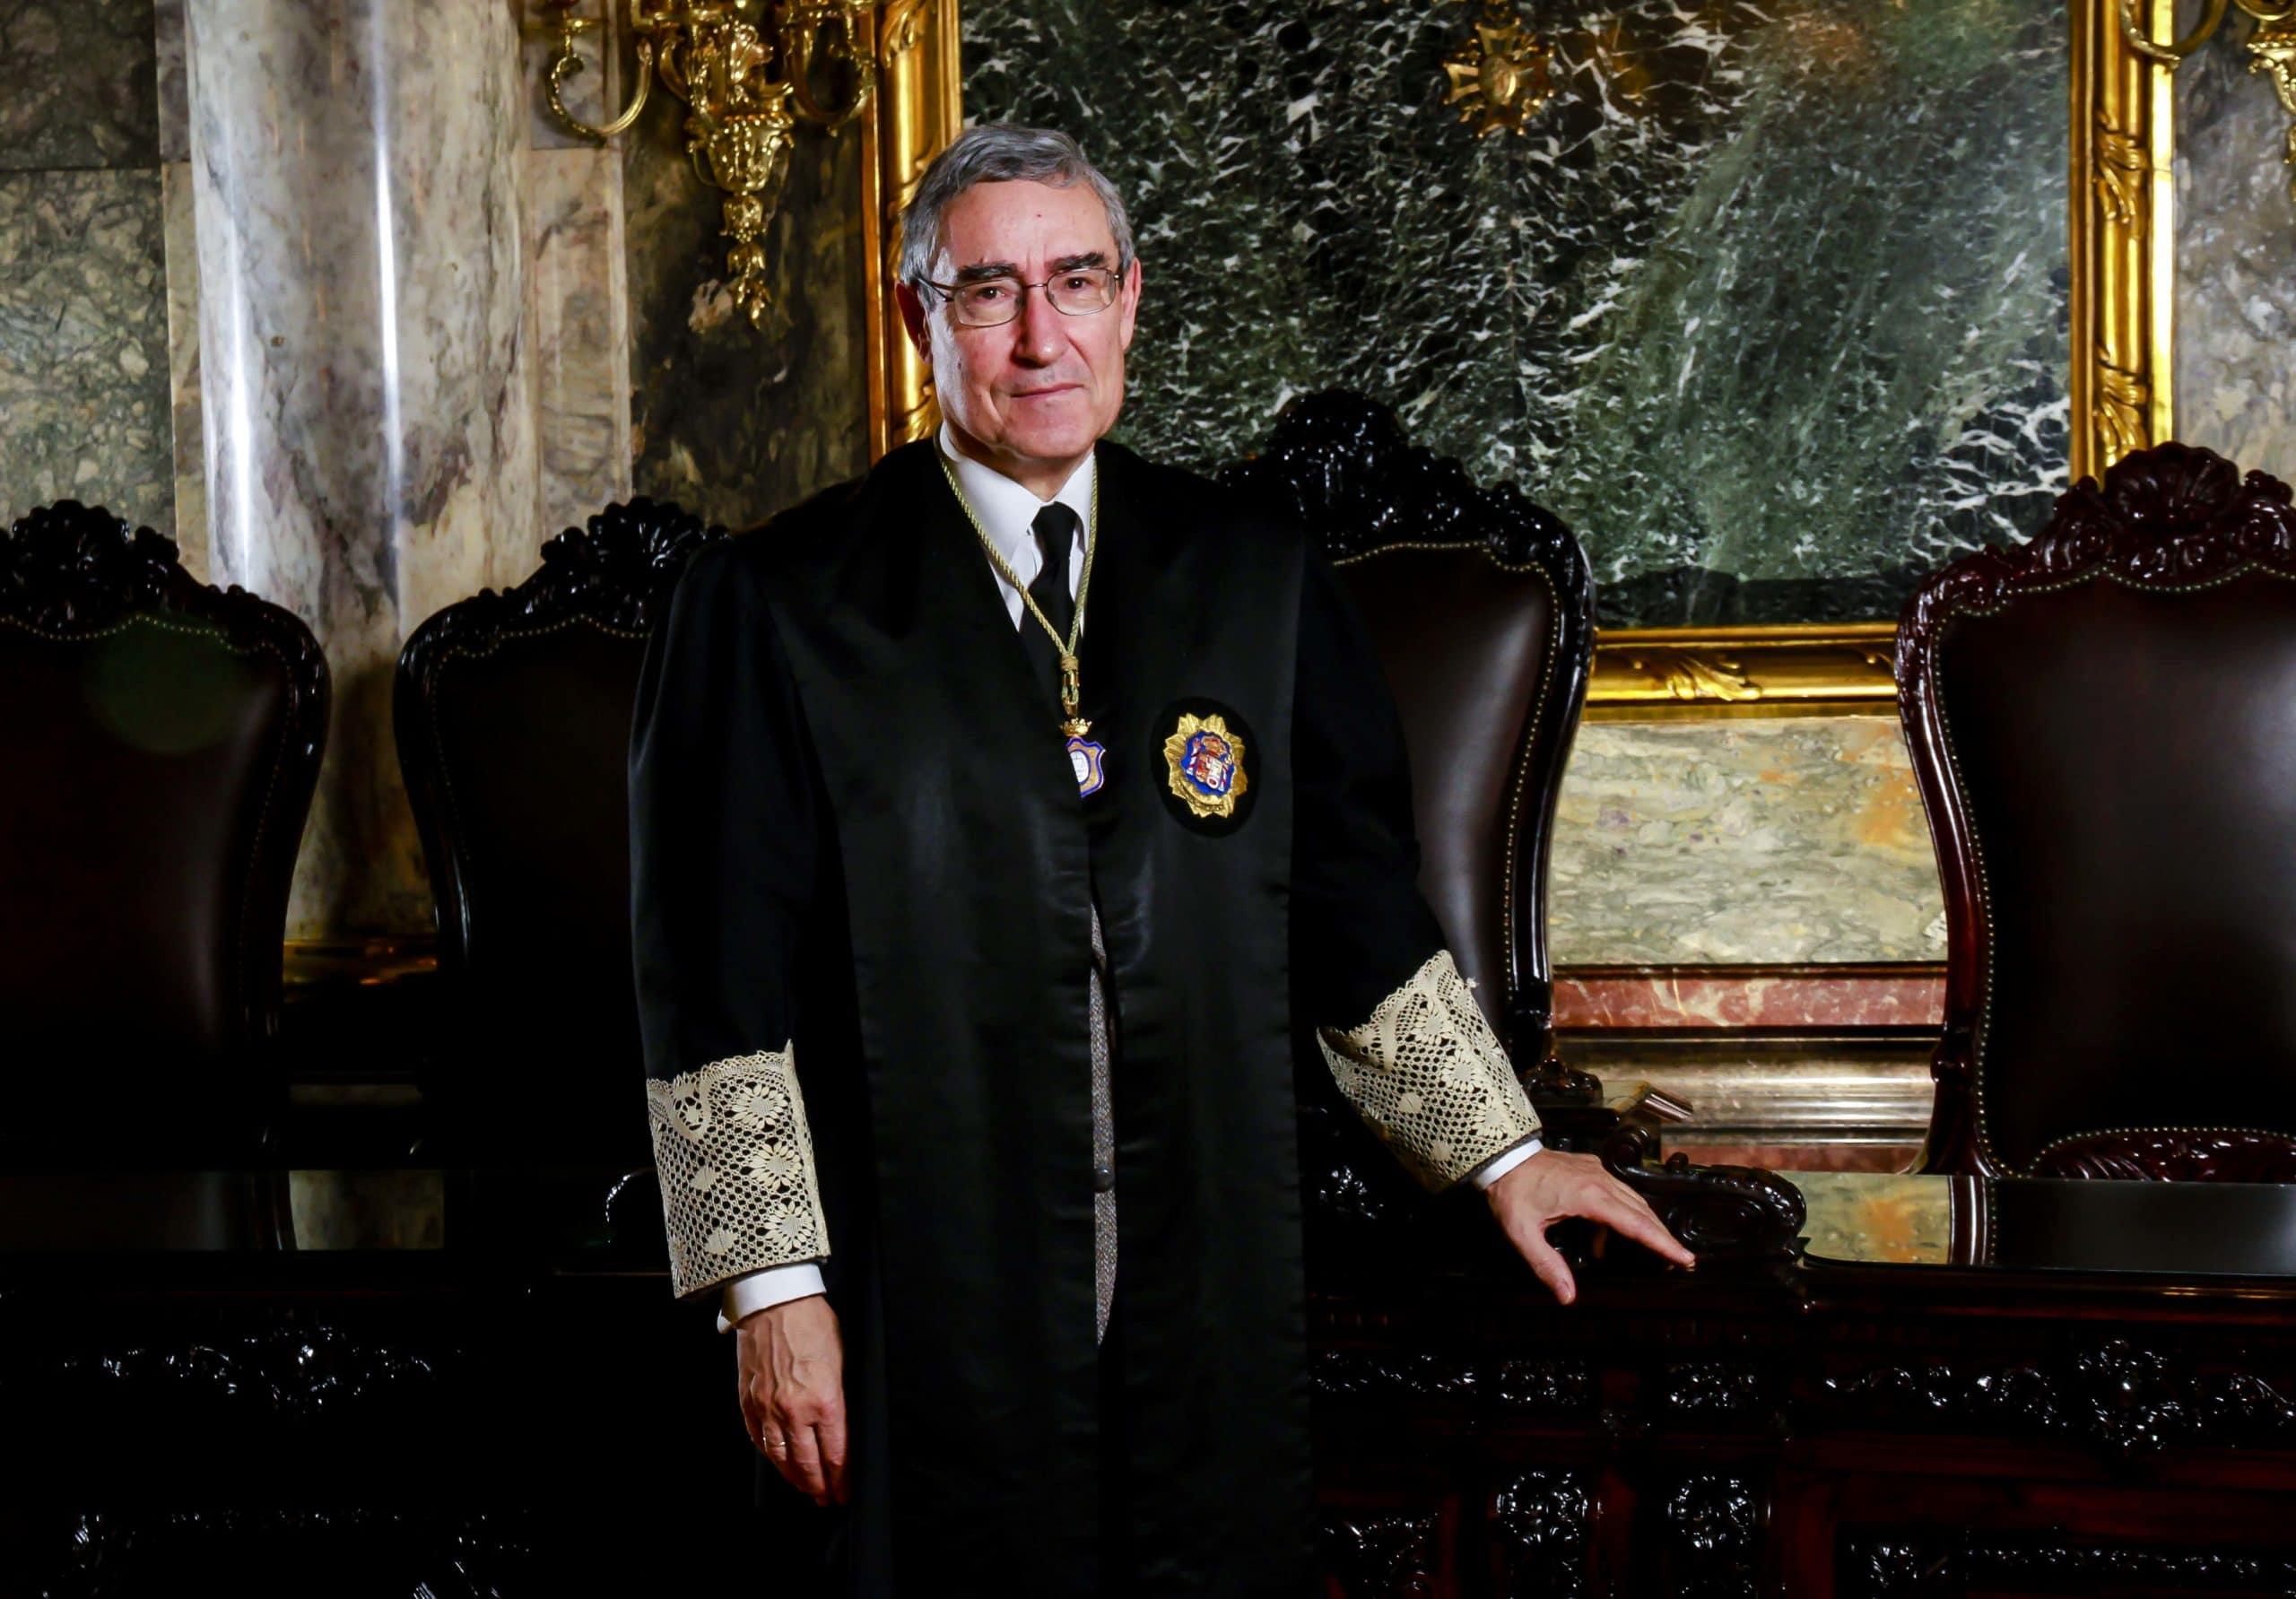 El magistrado ponente, José Antonio Seijas Quintana, es uno de los jueces más experimentados de esta Sala, en la que lleva sirviendo desde 2005; tiene 42 años de experiencia como juez. Confilegal.